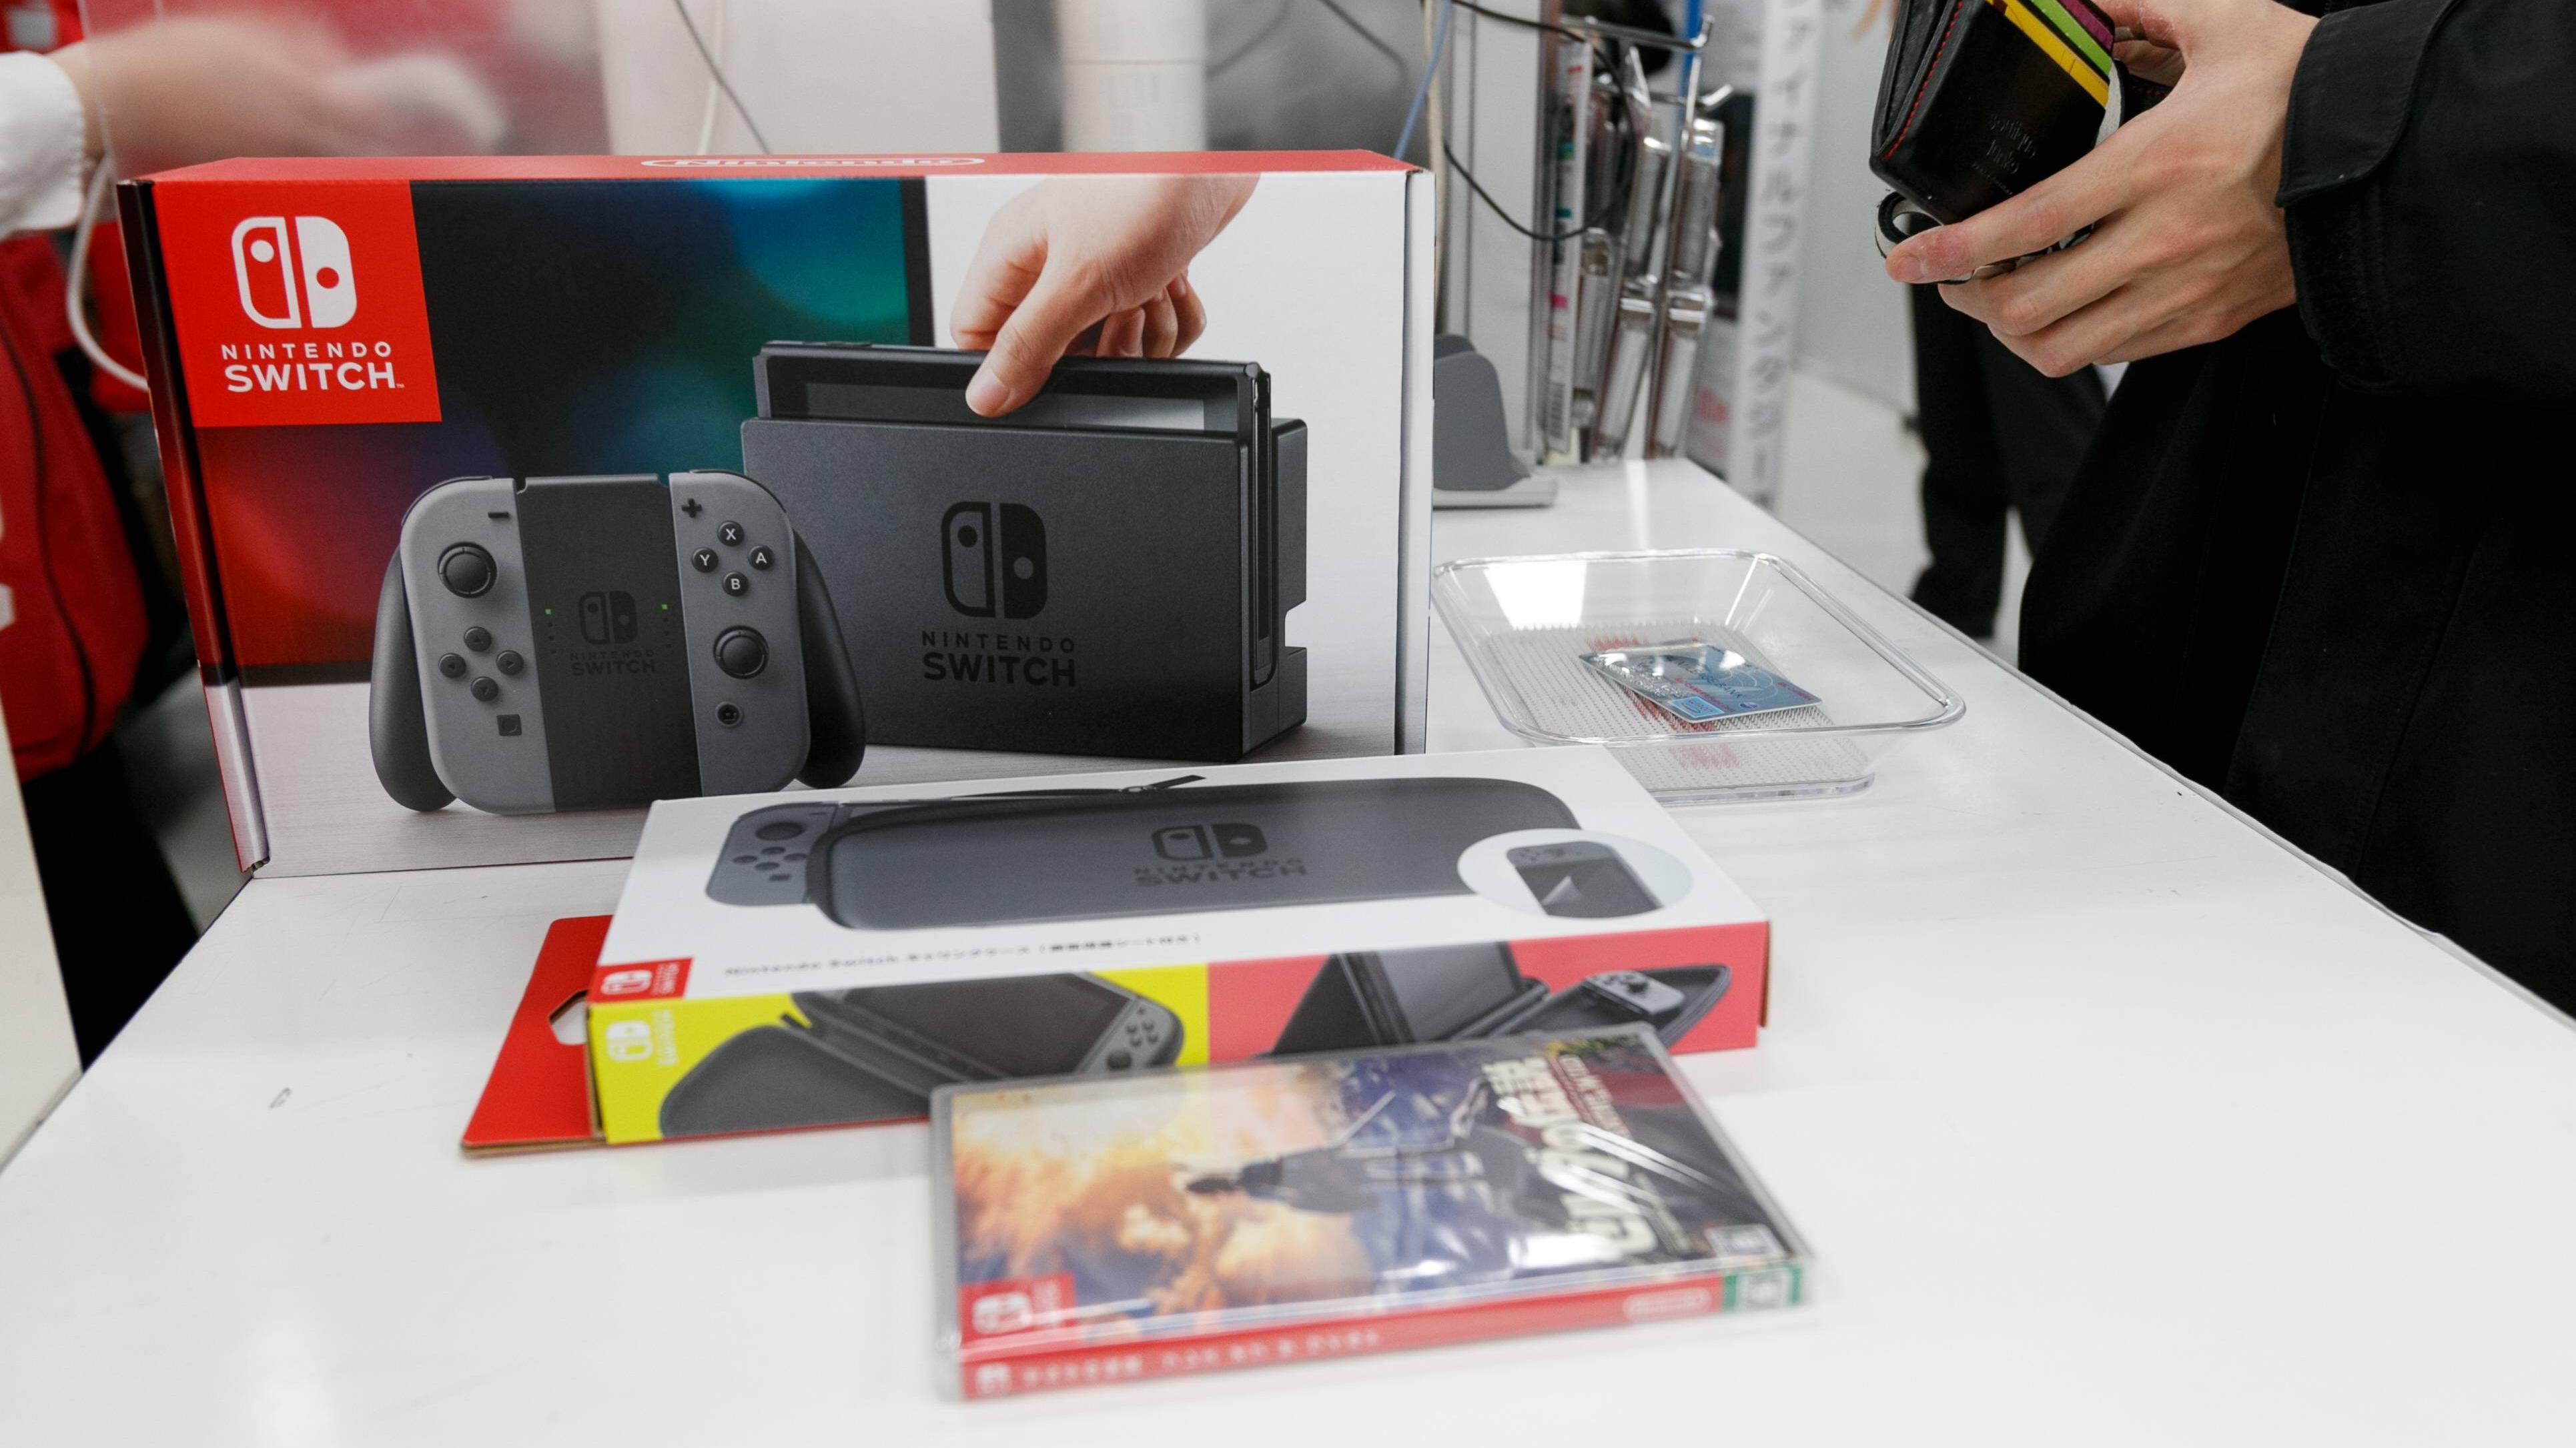 3DS-Spiele auf Nintendo Switch spielen: Geht das?